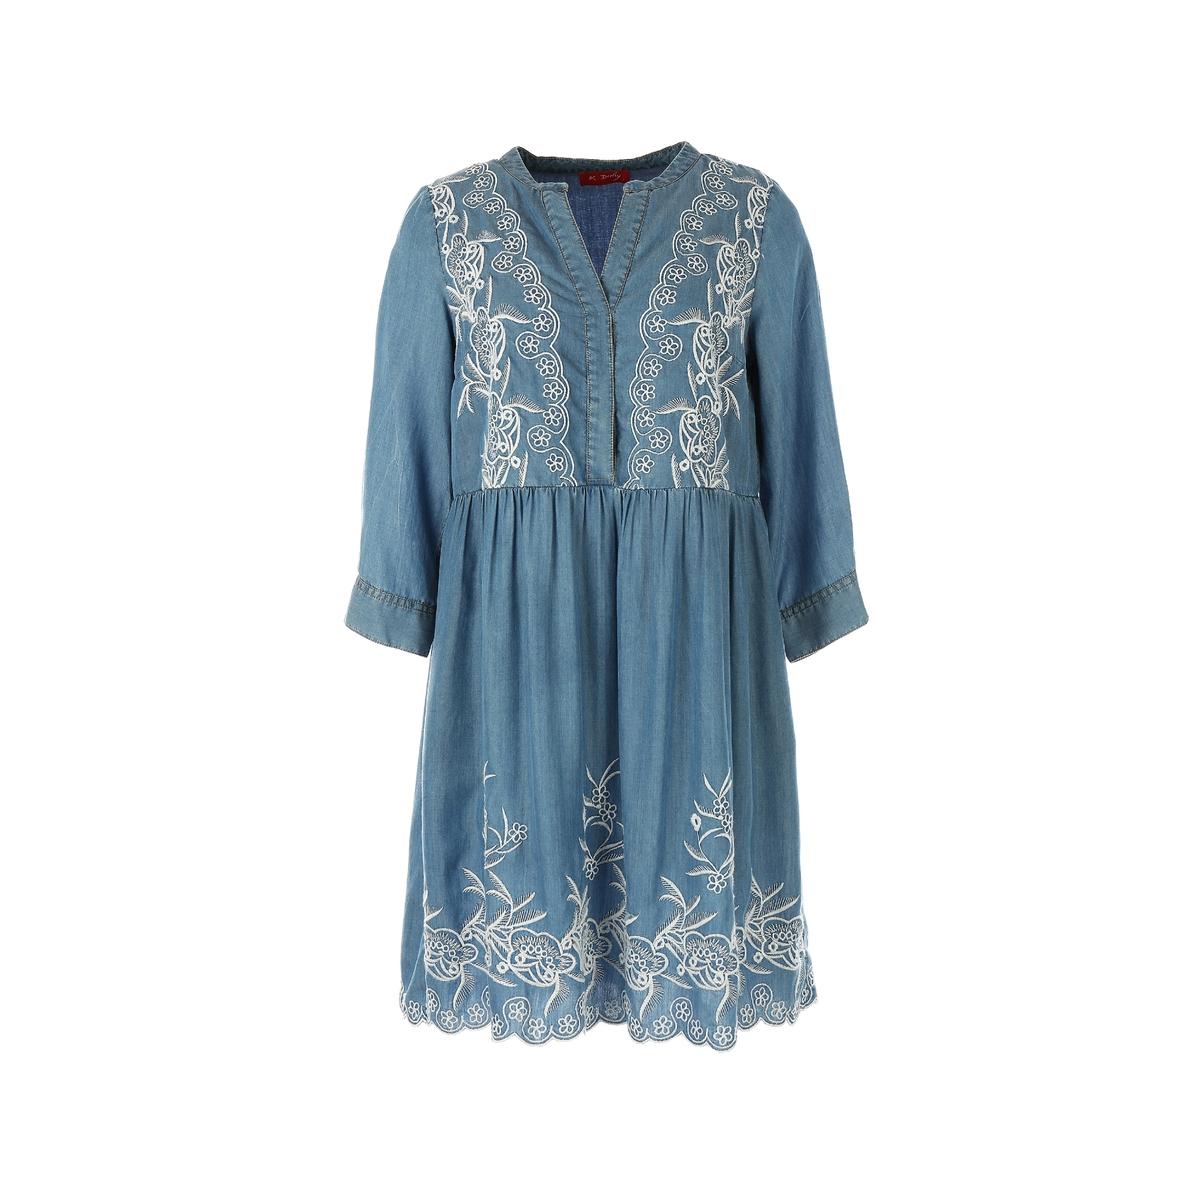 Платье короткое с длинными рукавамиДетали •  Форма : расклешенная •  короткое  •  Длинные рукава     •  Тунисский вырезСостав и уход •  100% лиоцелл  •  Следуйте советам по уходу, указанным на этикетке<br><br>Цвет: синий